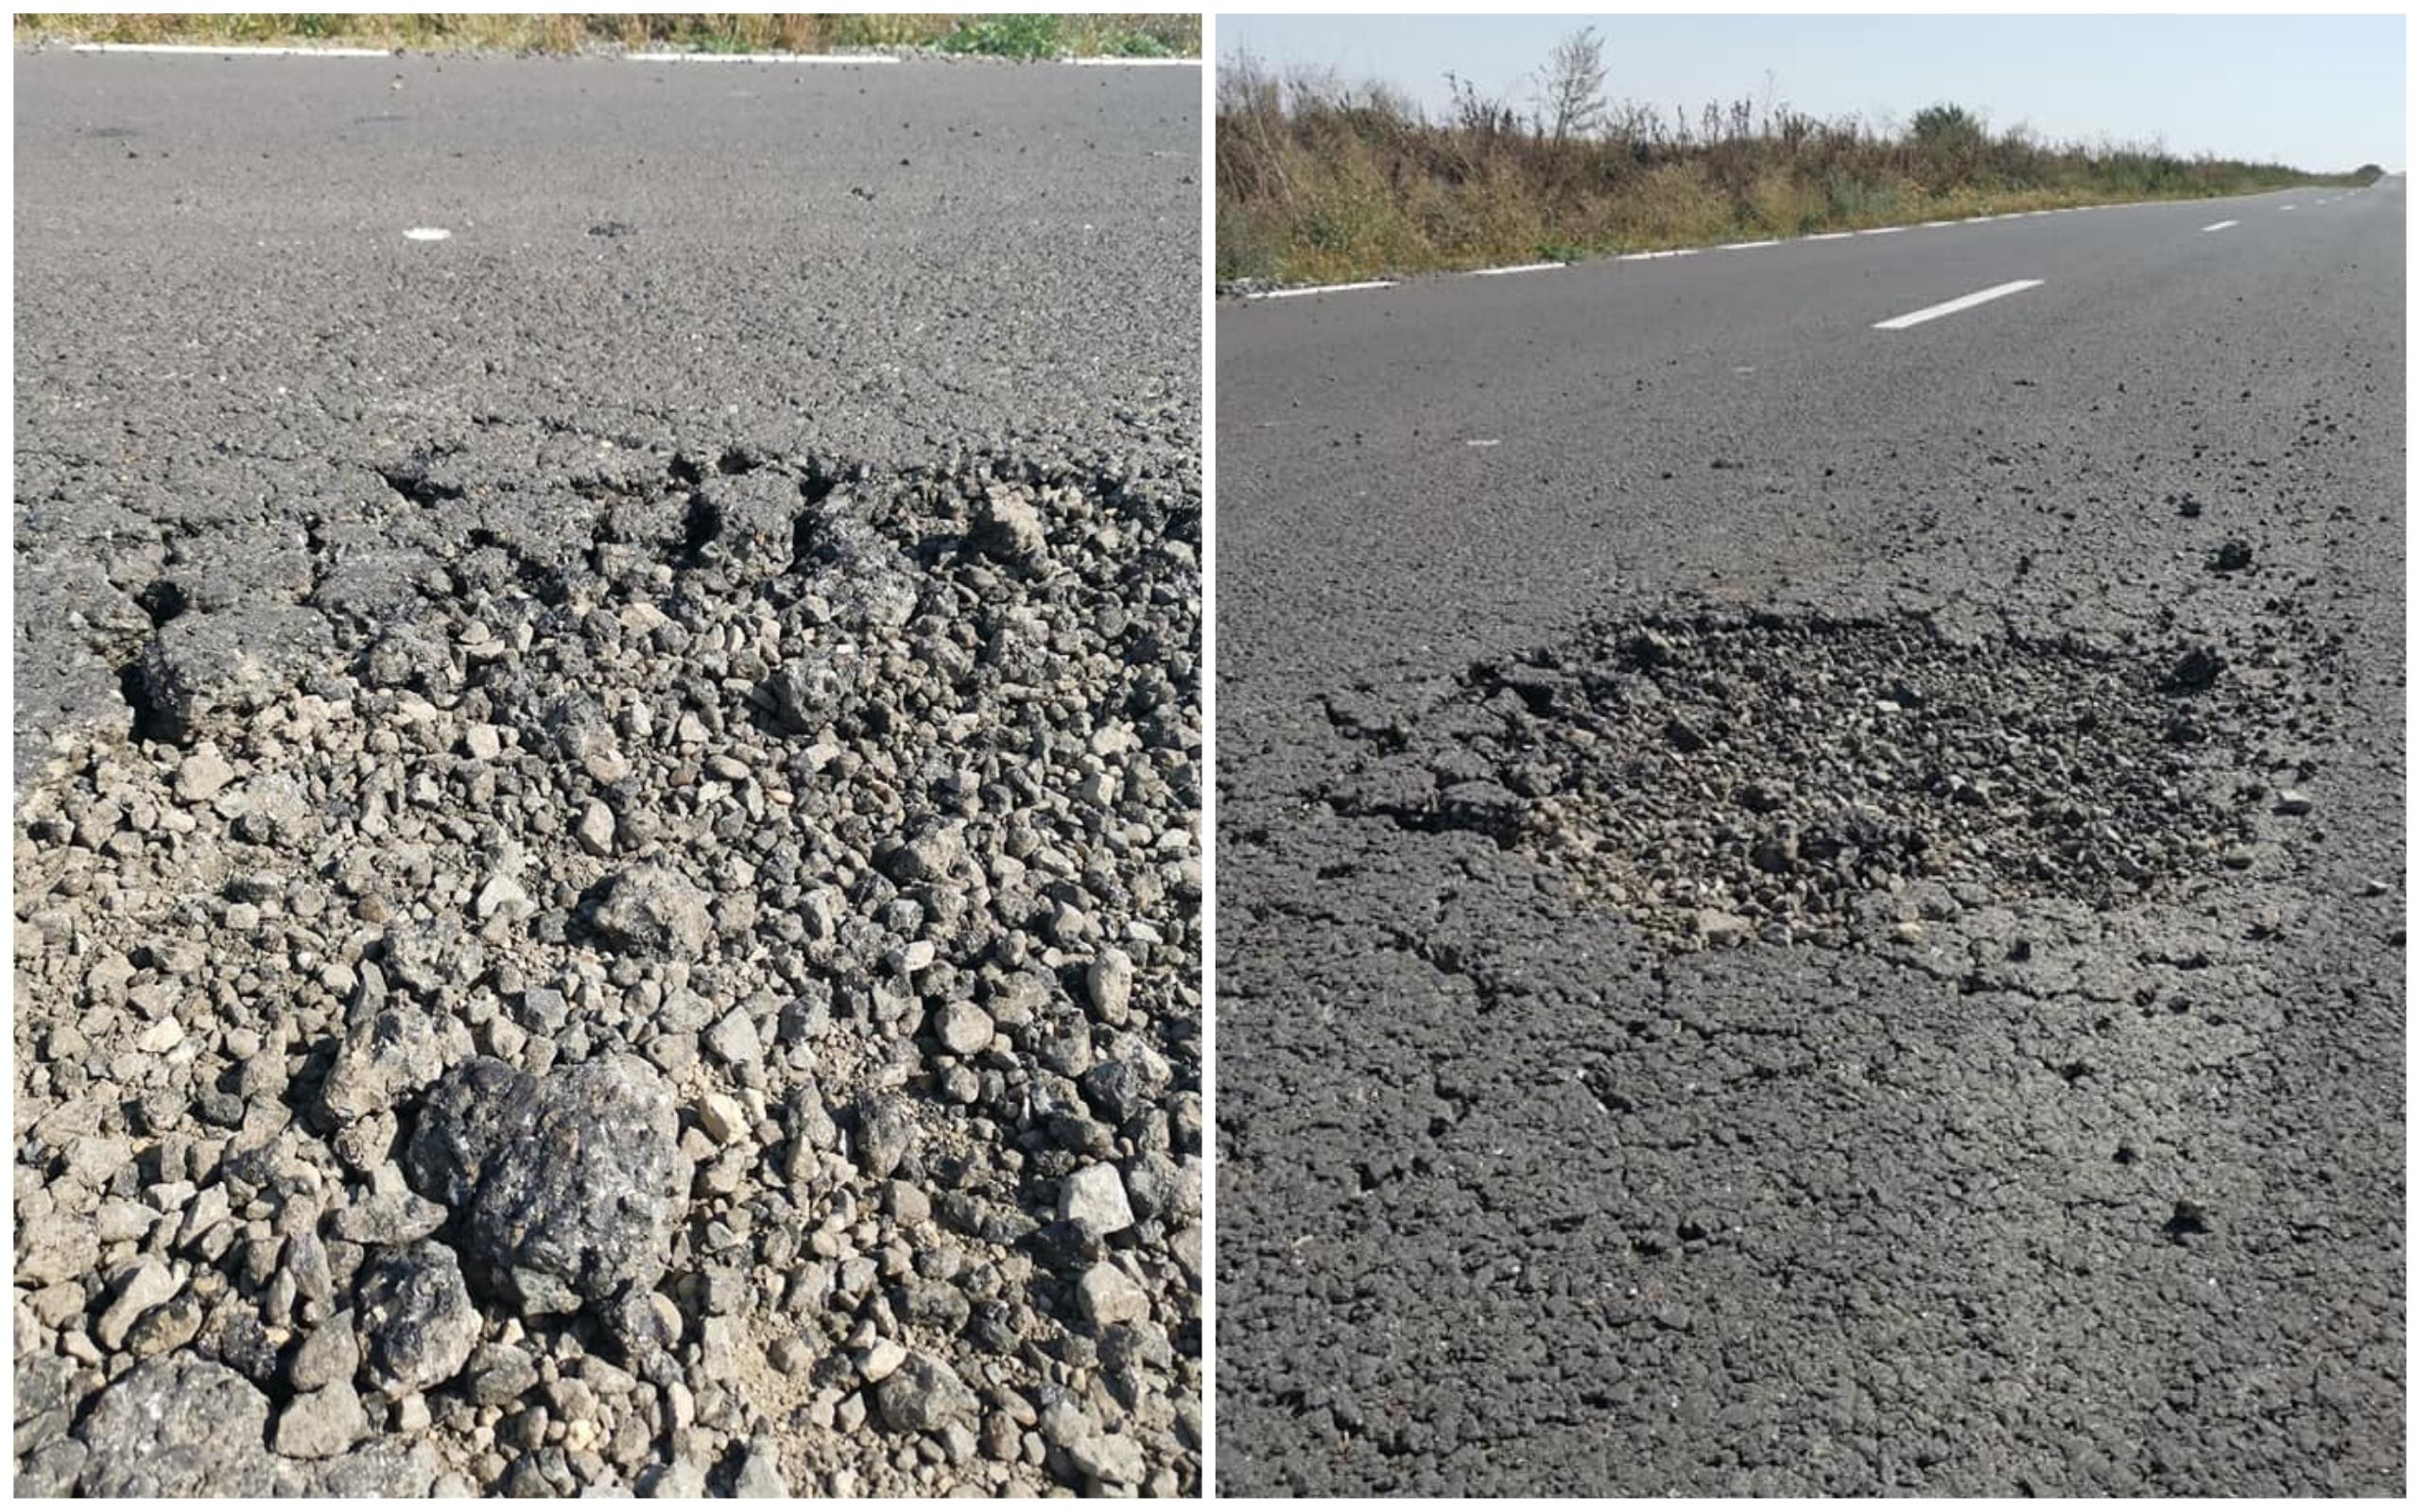 Drum nou, plin de gropi, din Sânpetru spre Timiş